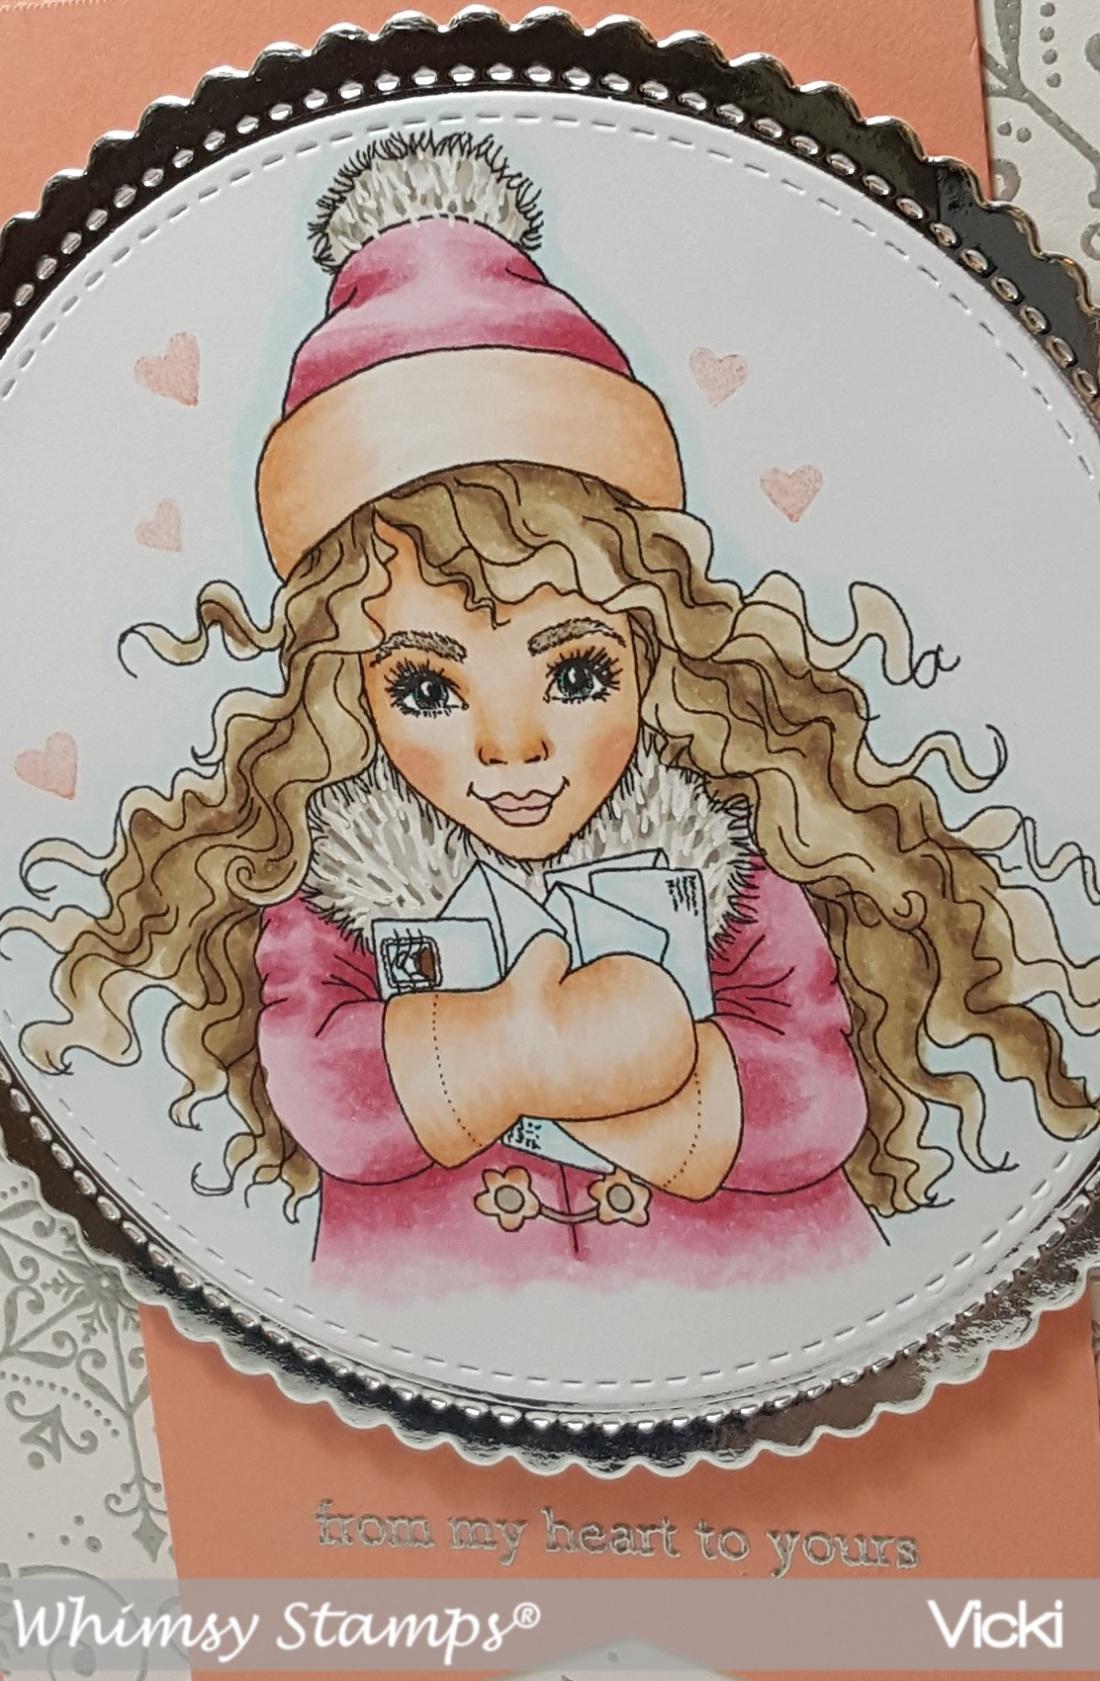 Vicki-WS-Pretty Girl Happy Mail-Oct 9-close